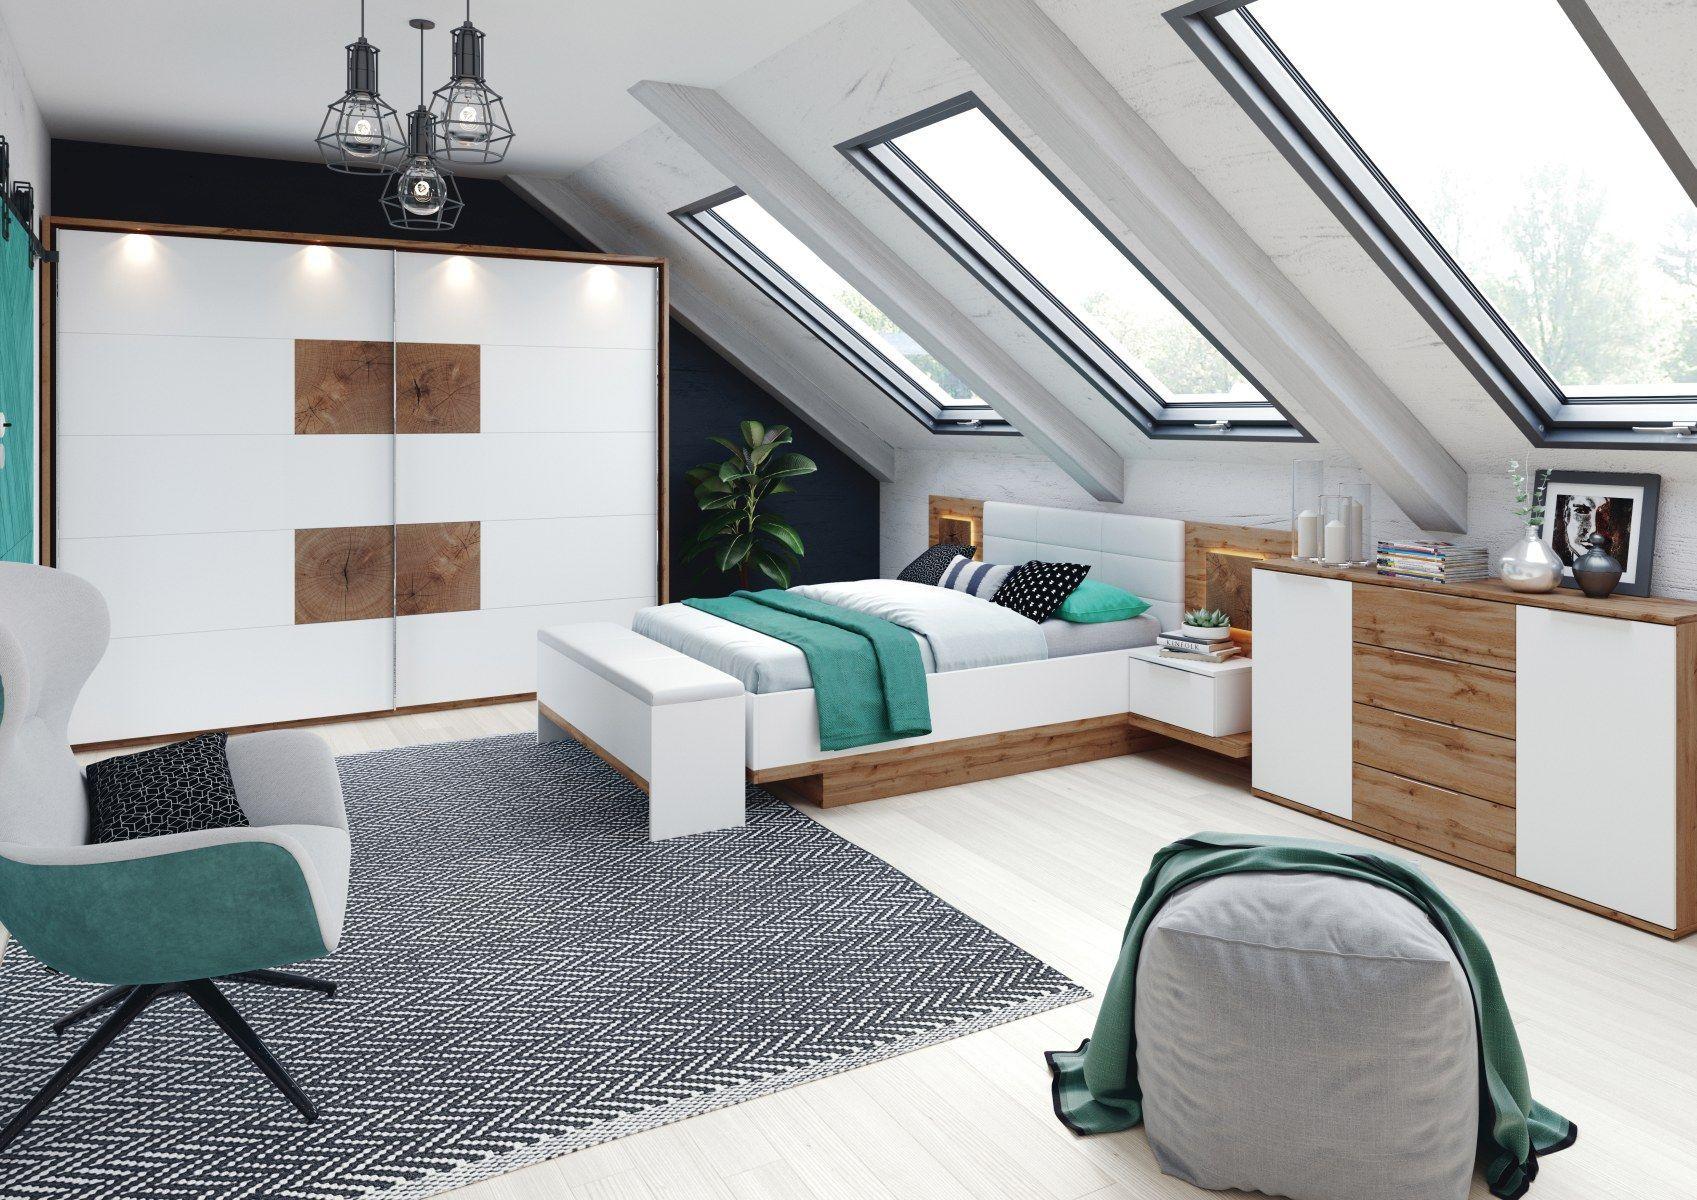 livorno sypialnia 2 1